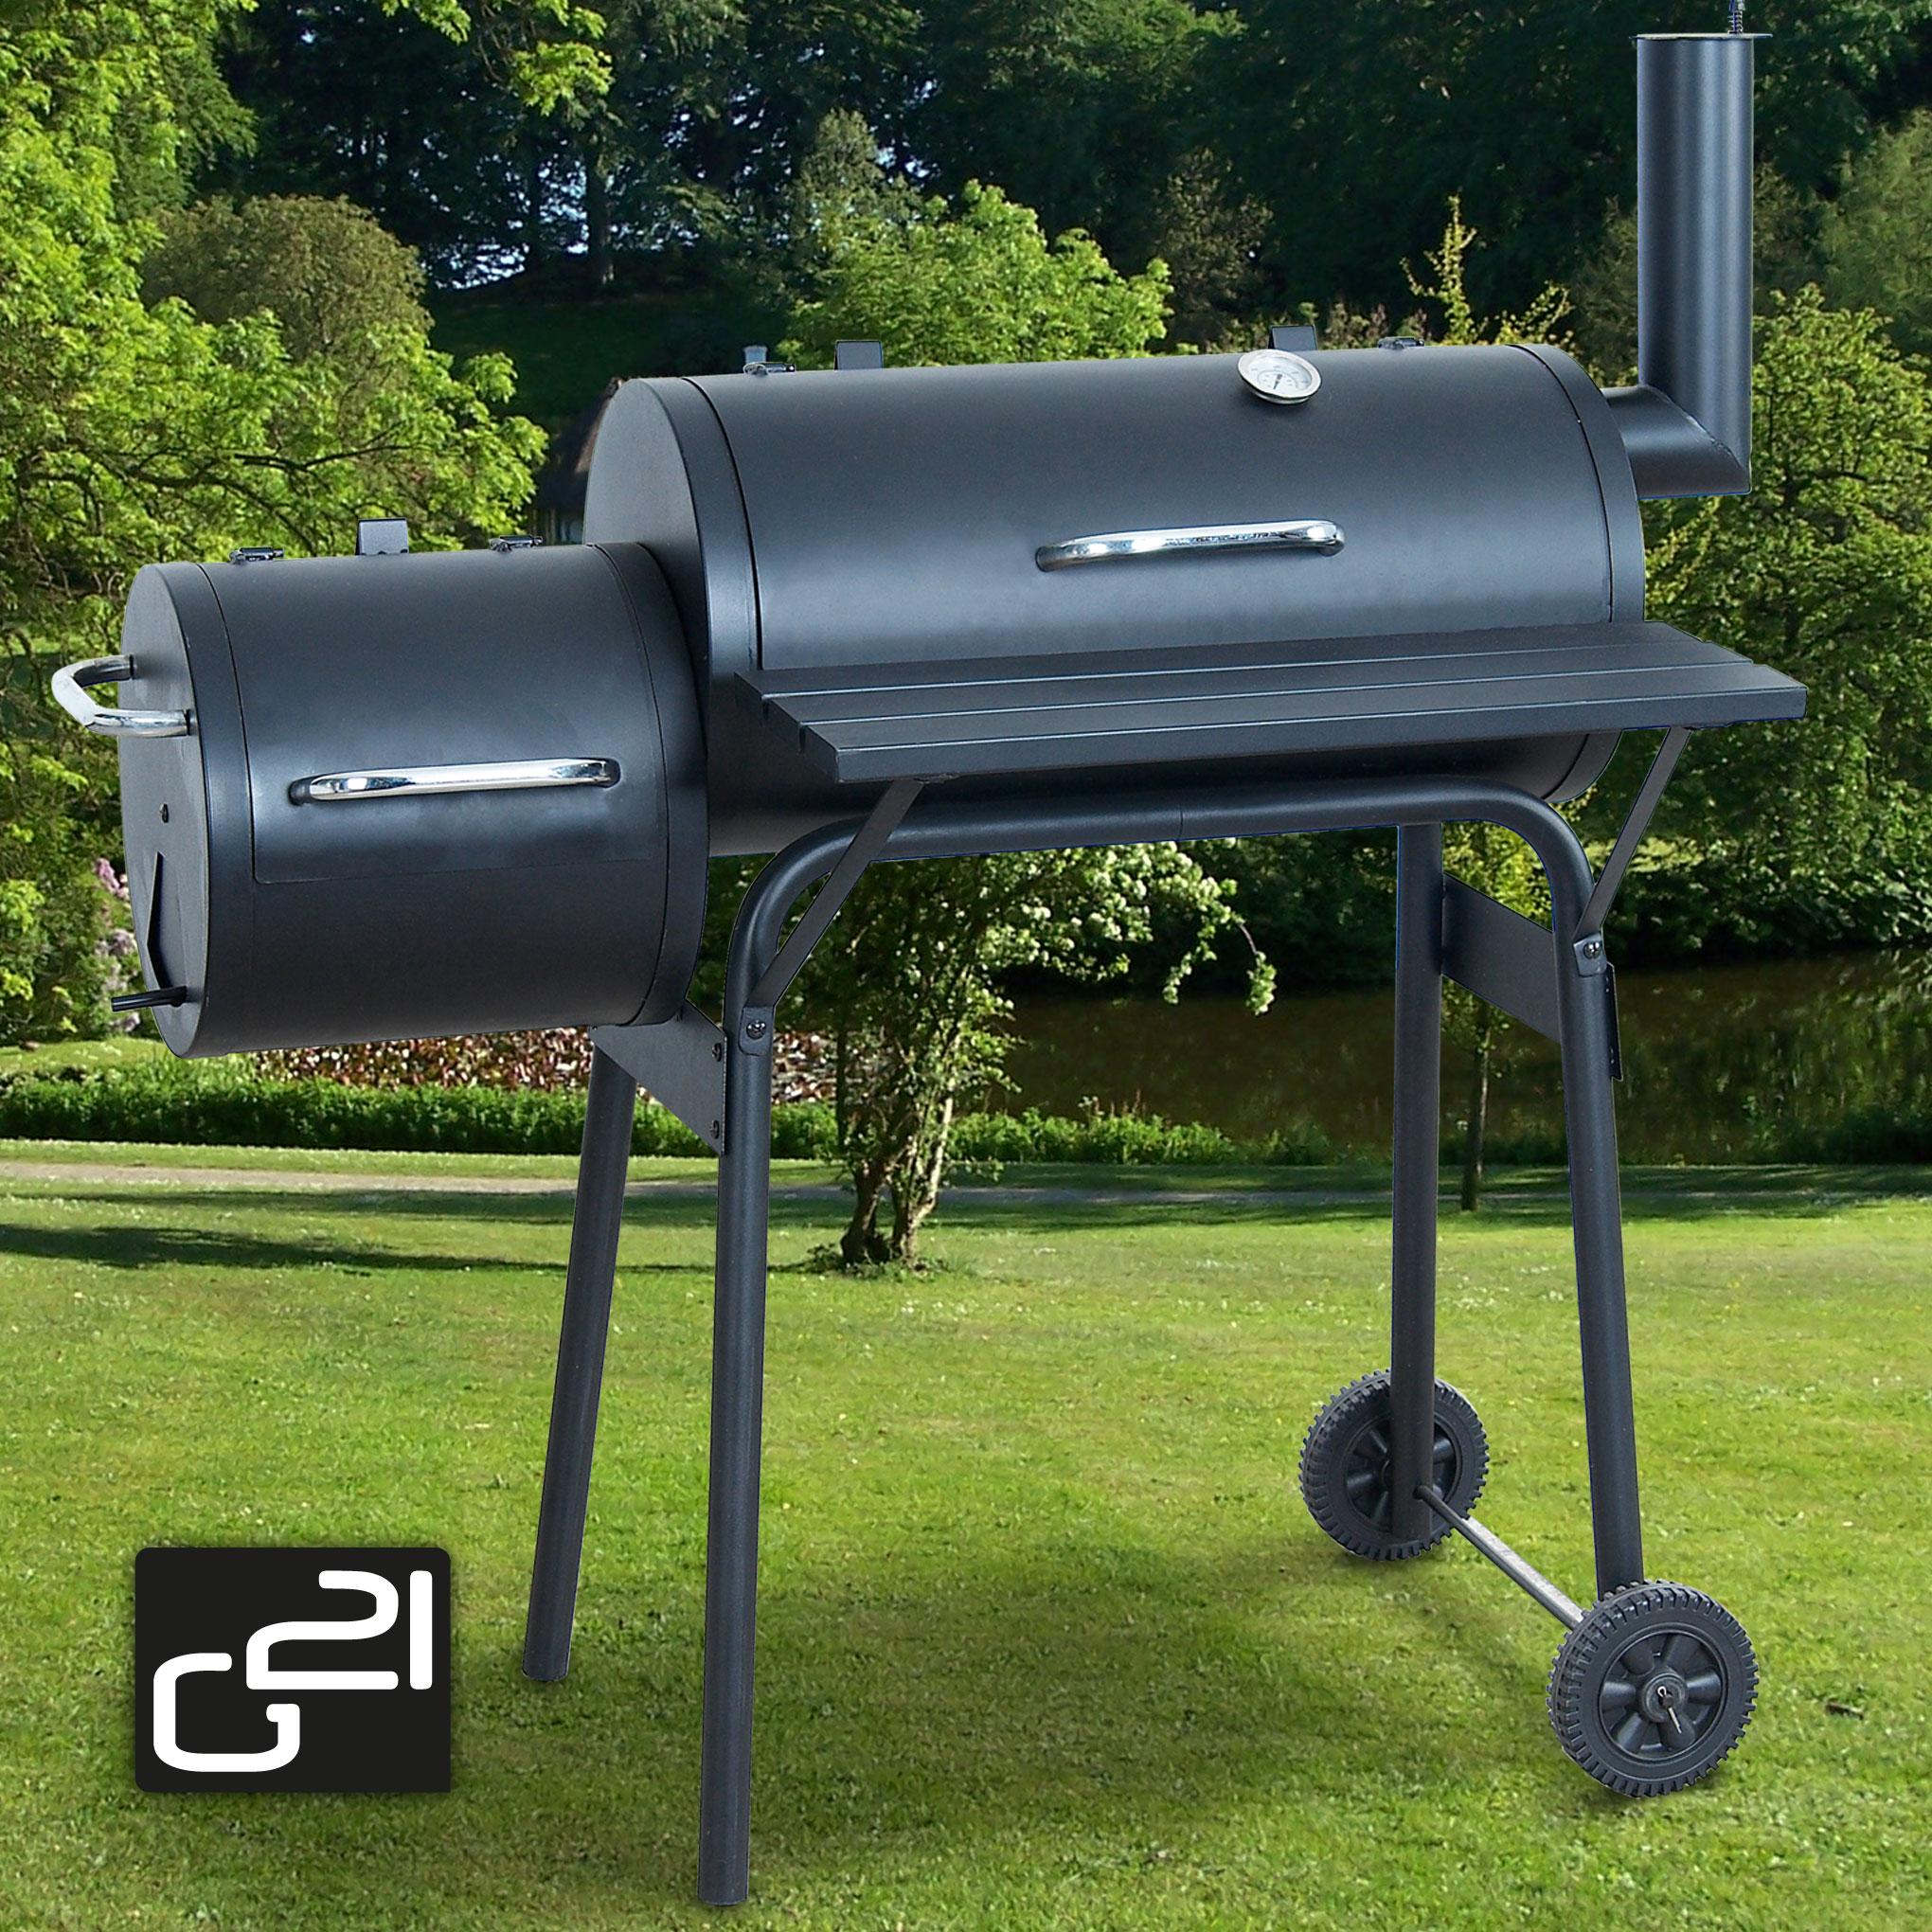 Gril G21 BBQ small + DÁREK dle vlastního výběru ! + doprava zdarma